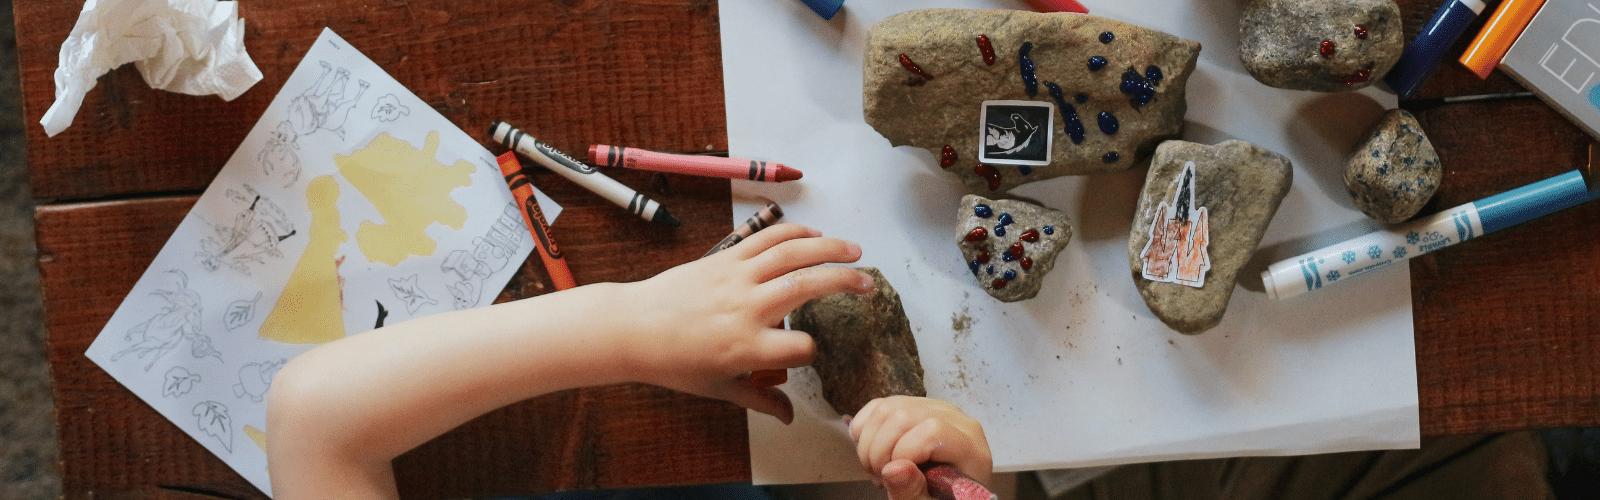 Ressources pour enfants : notre top 5 des meilleurs sources de contenu !